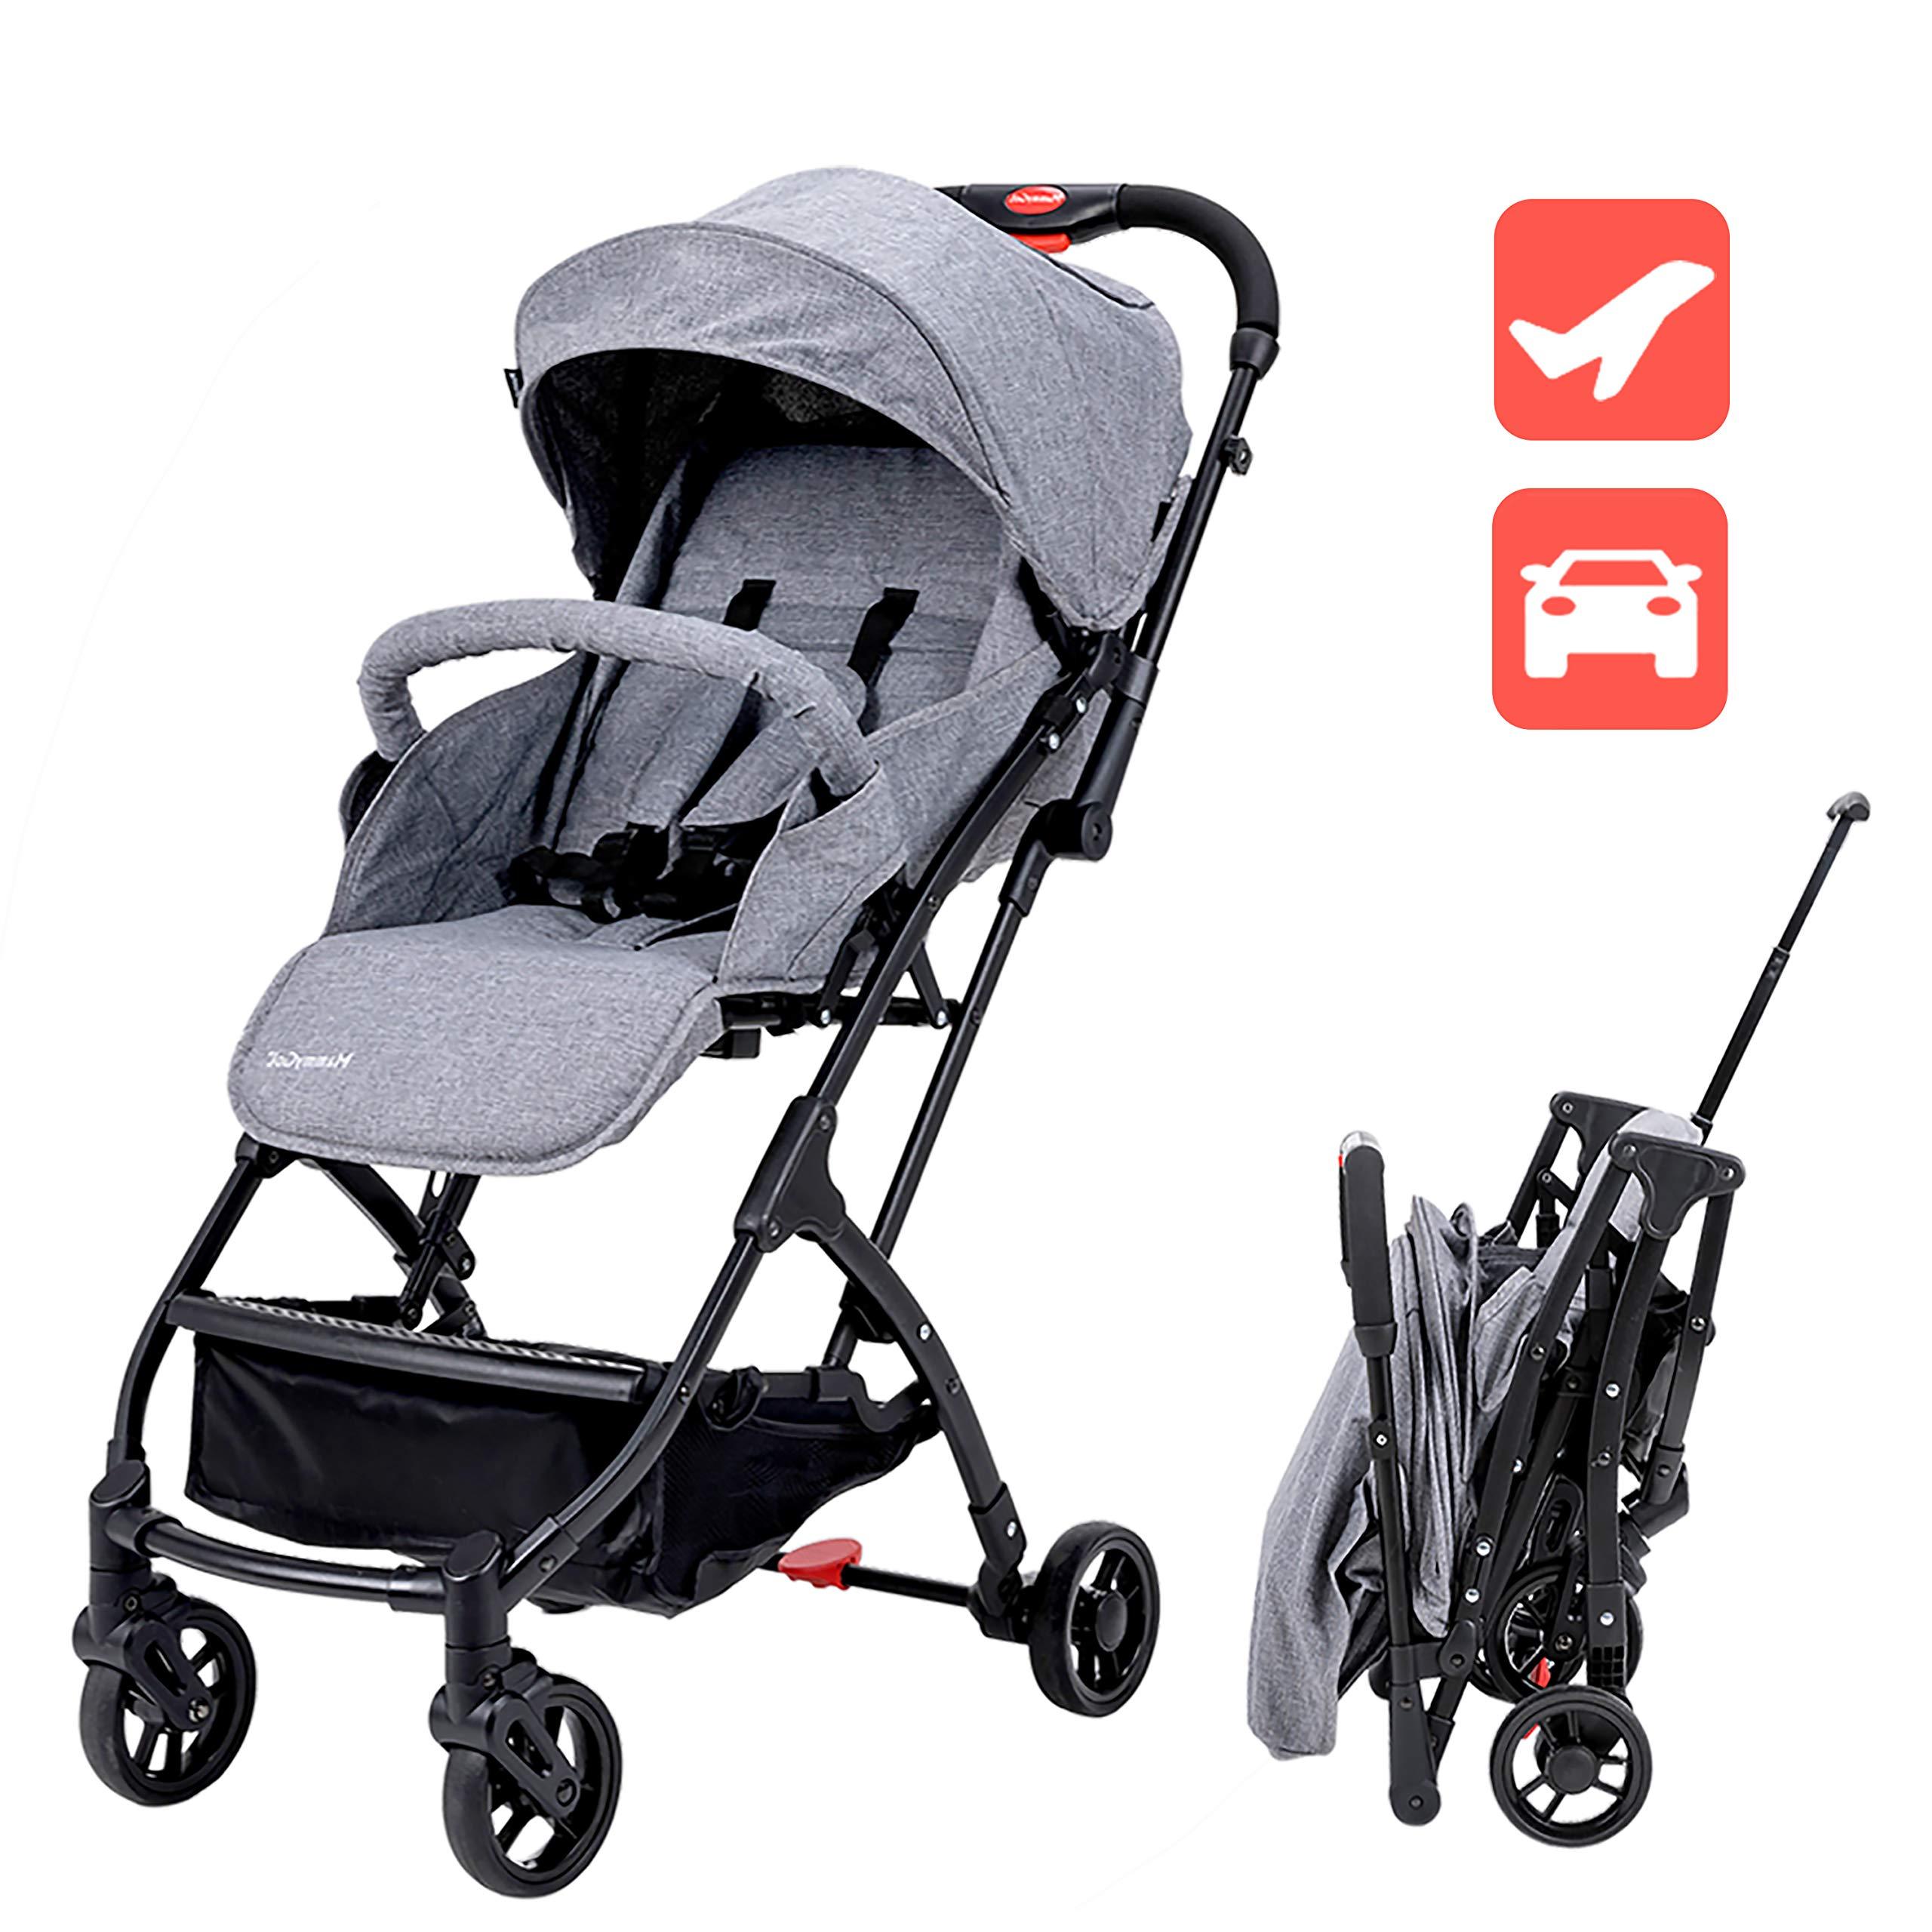 Jogging Baby Stroller for Kids